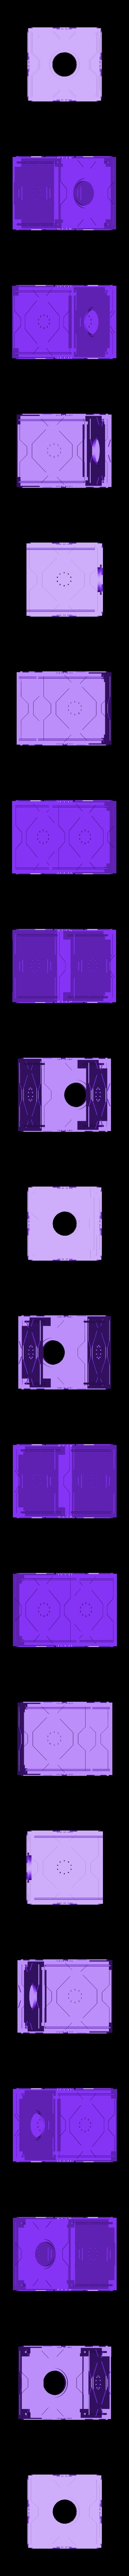 MeeSeeks_Box_New.stl Télécharger fichier STL gratuit Boîte Meeseeks avec couvercle • Design pour impression 3D, mark579